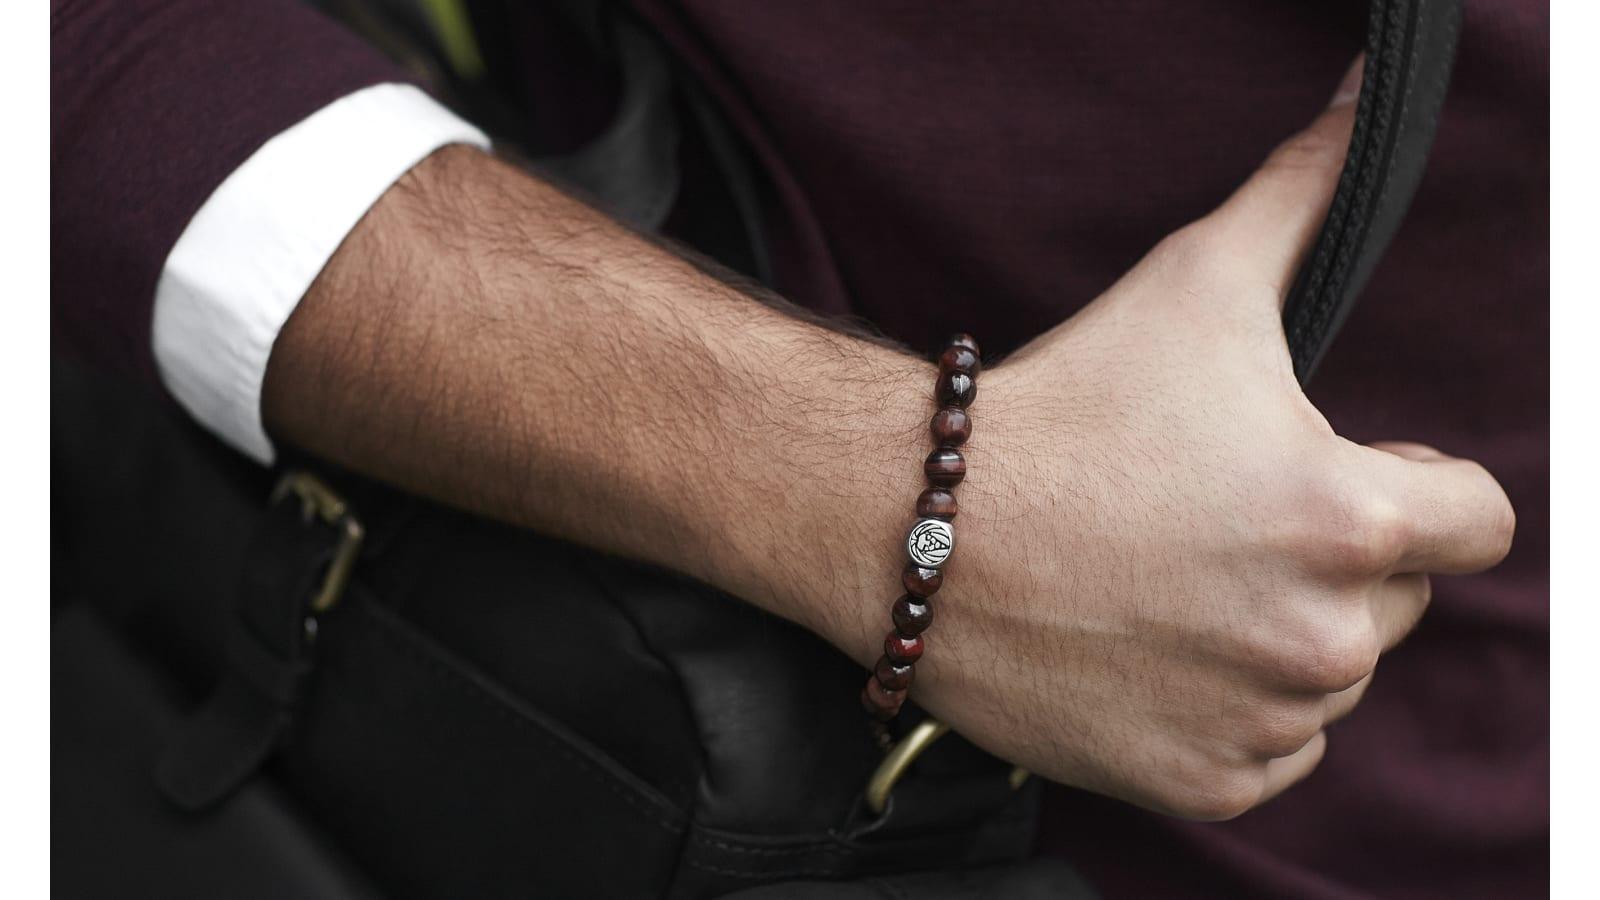 Wie Man Armbänder Trägt Ohne Es Zu übertreiben